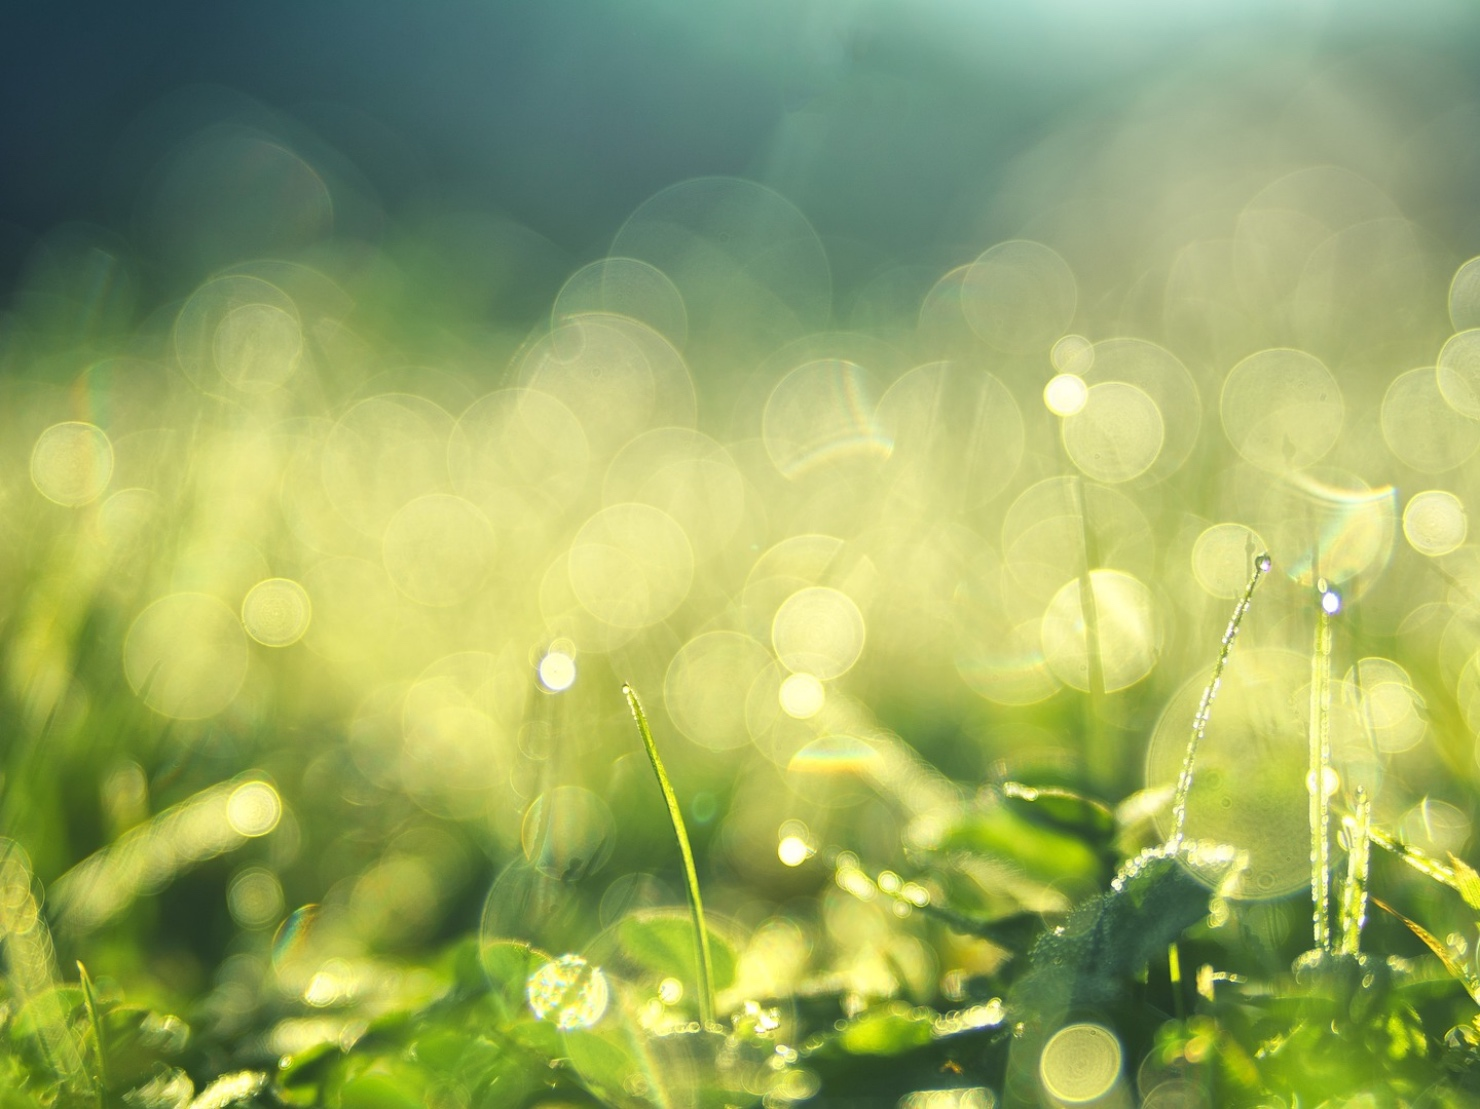 緑に陽の光が輝いている写真